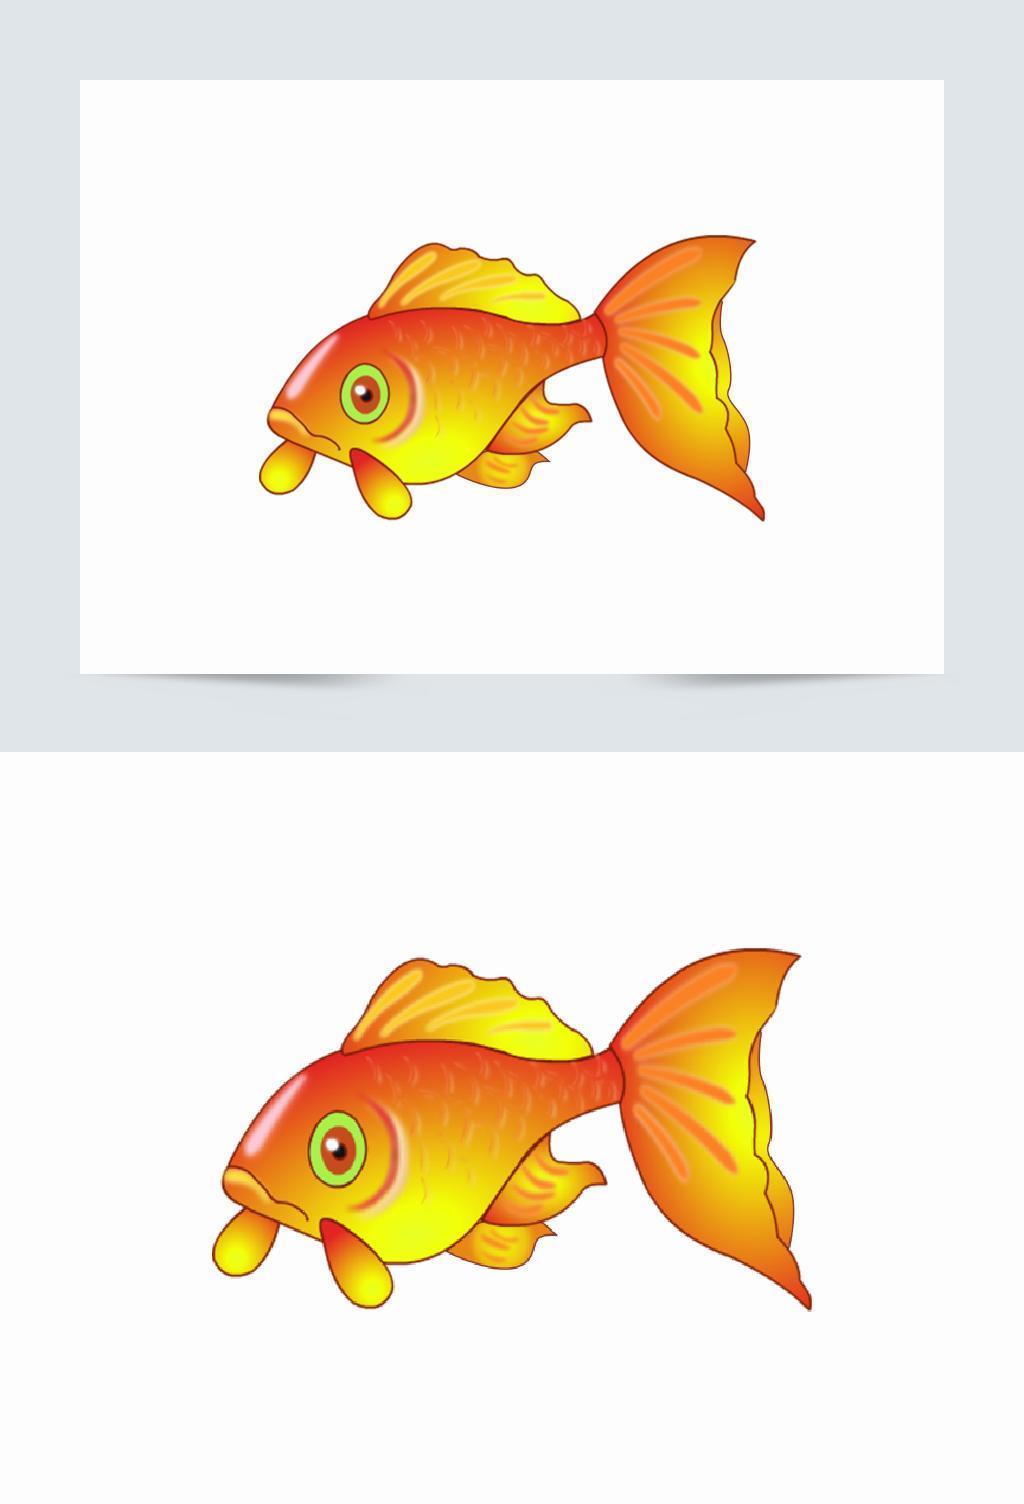 创意可爱卡通手绘金鱼